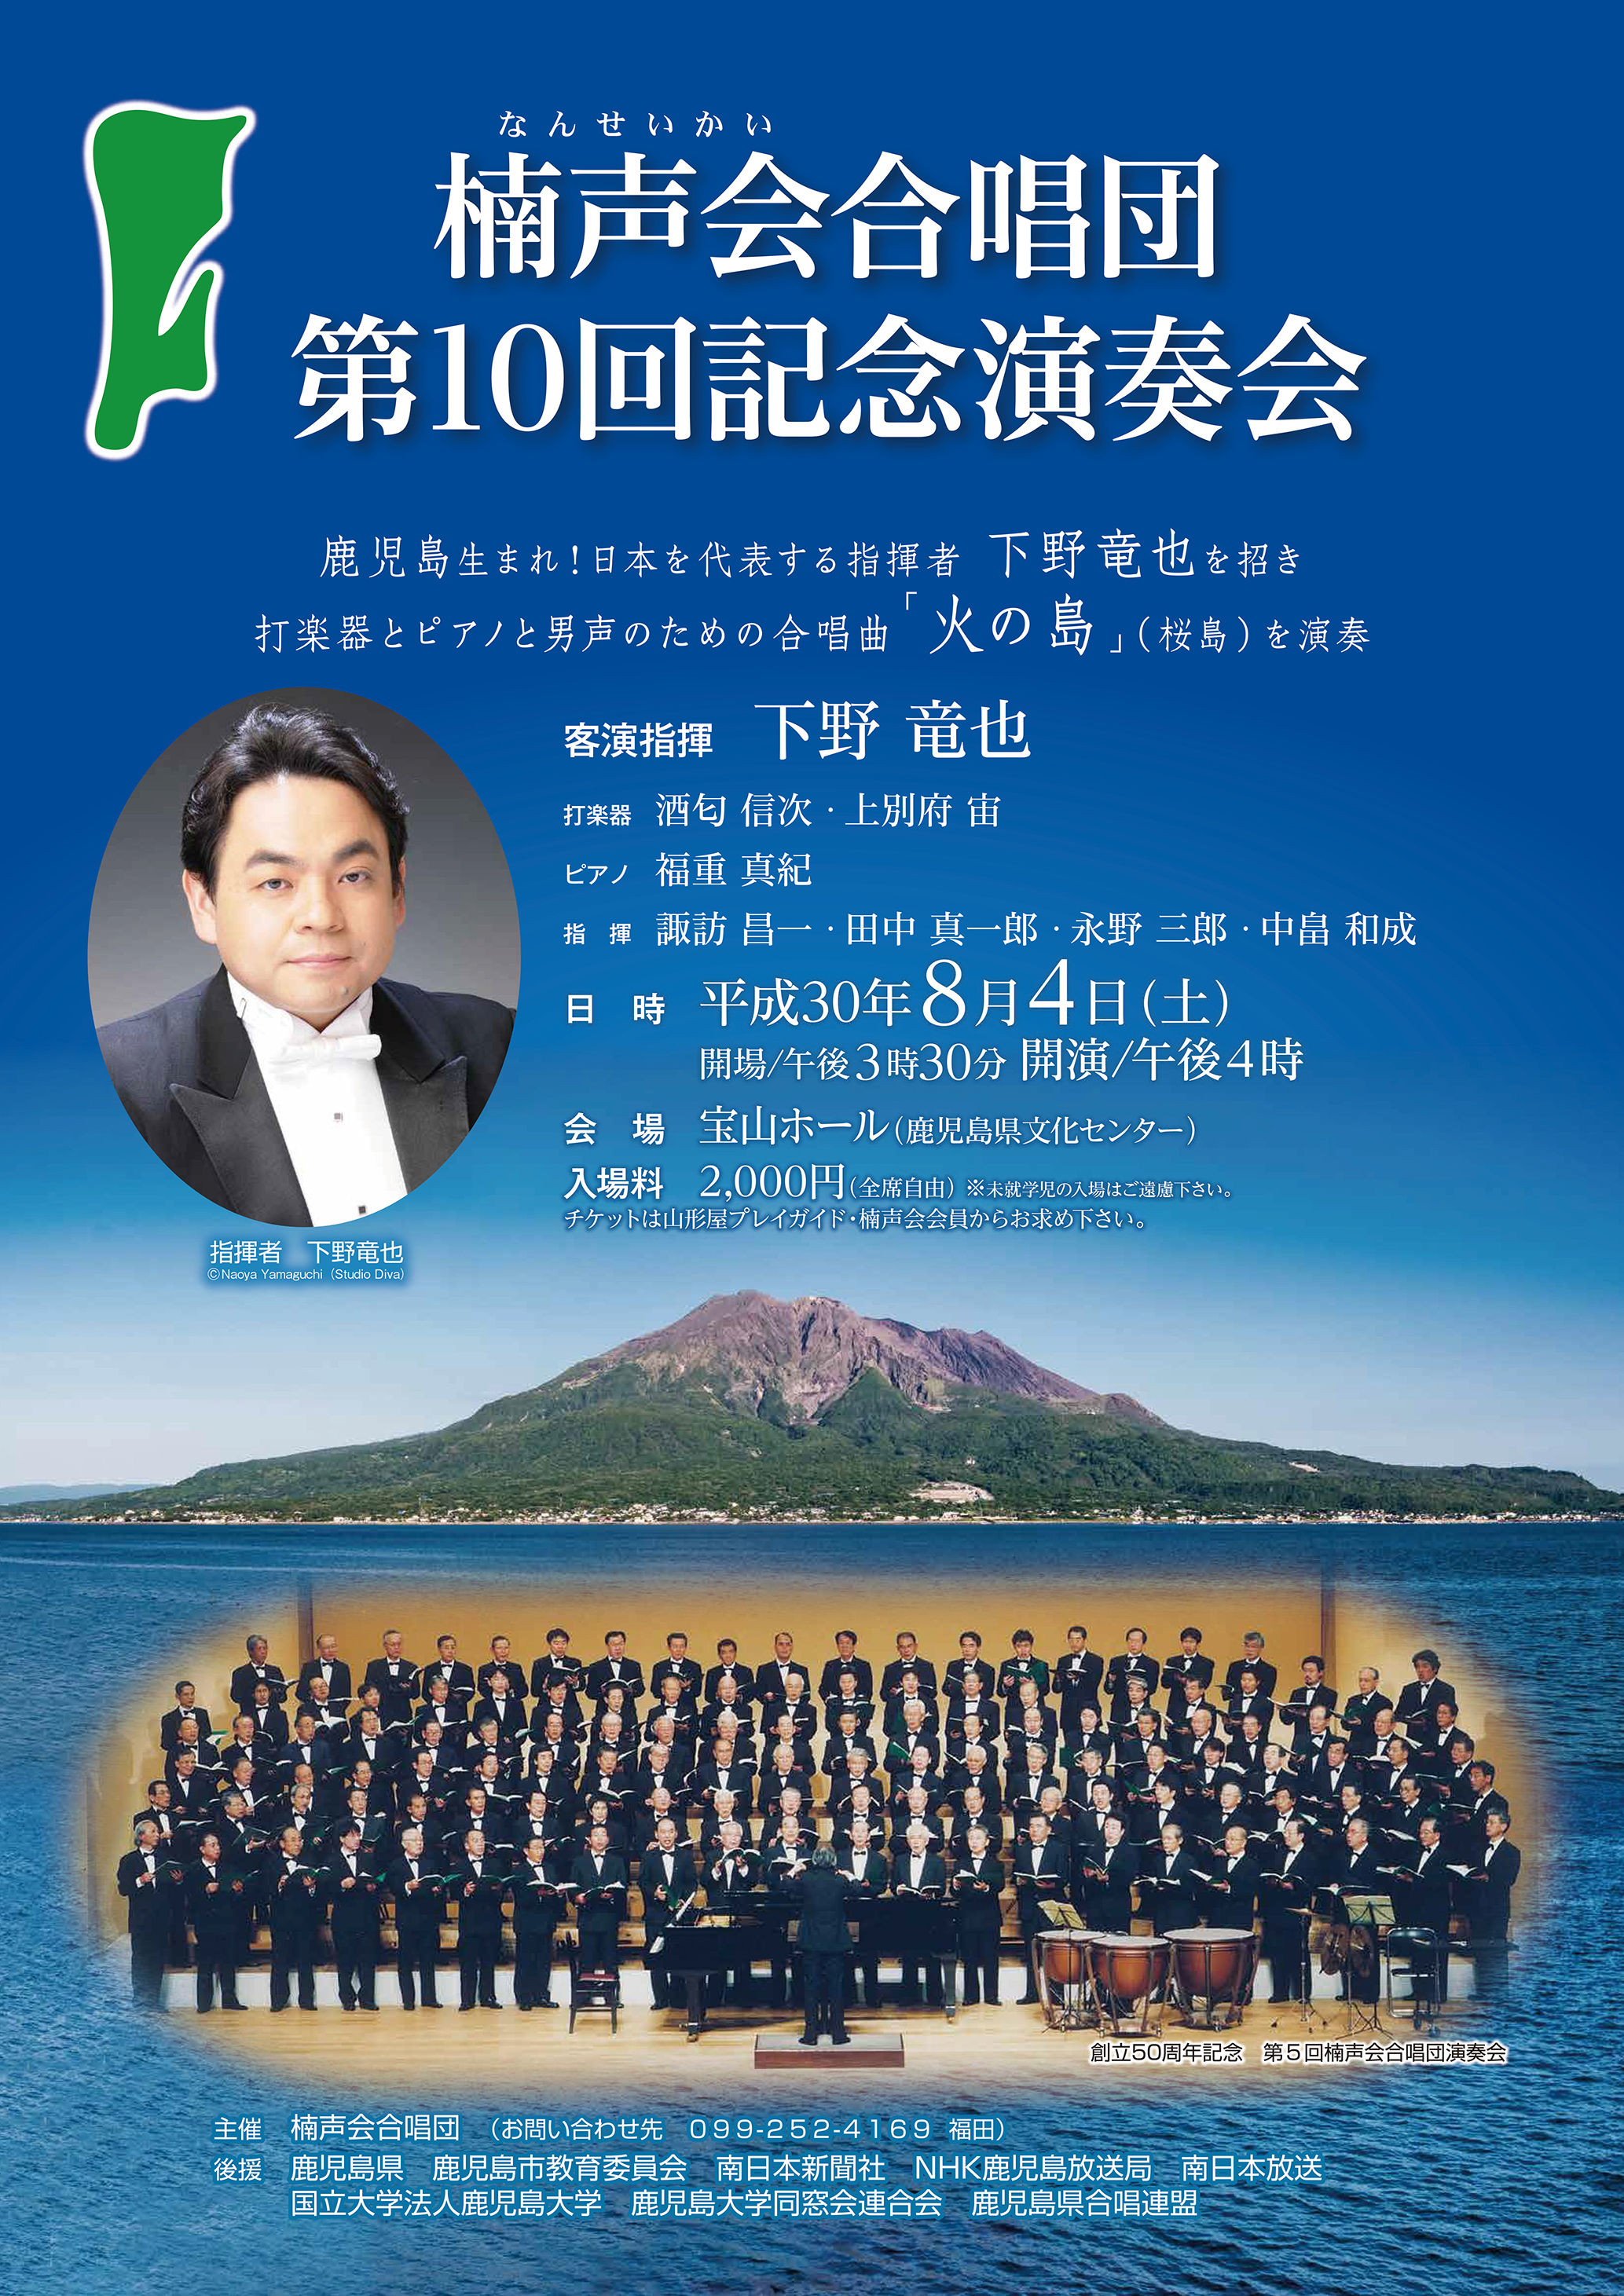 楠声会(なんせいかい)合唱団 第10回記念演奏会 2018.08.04